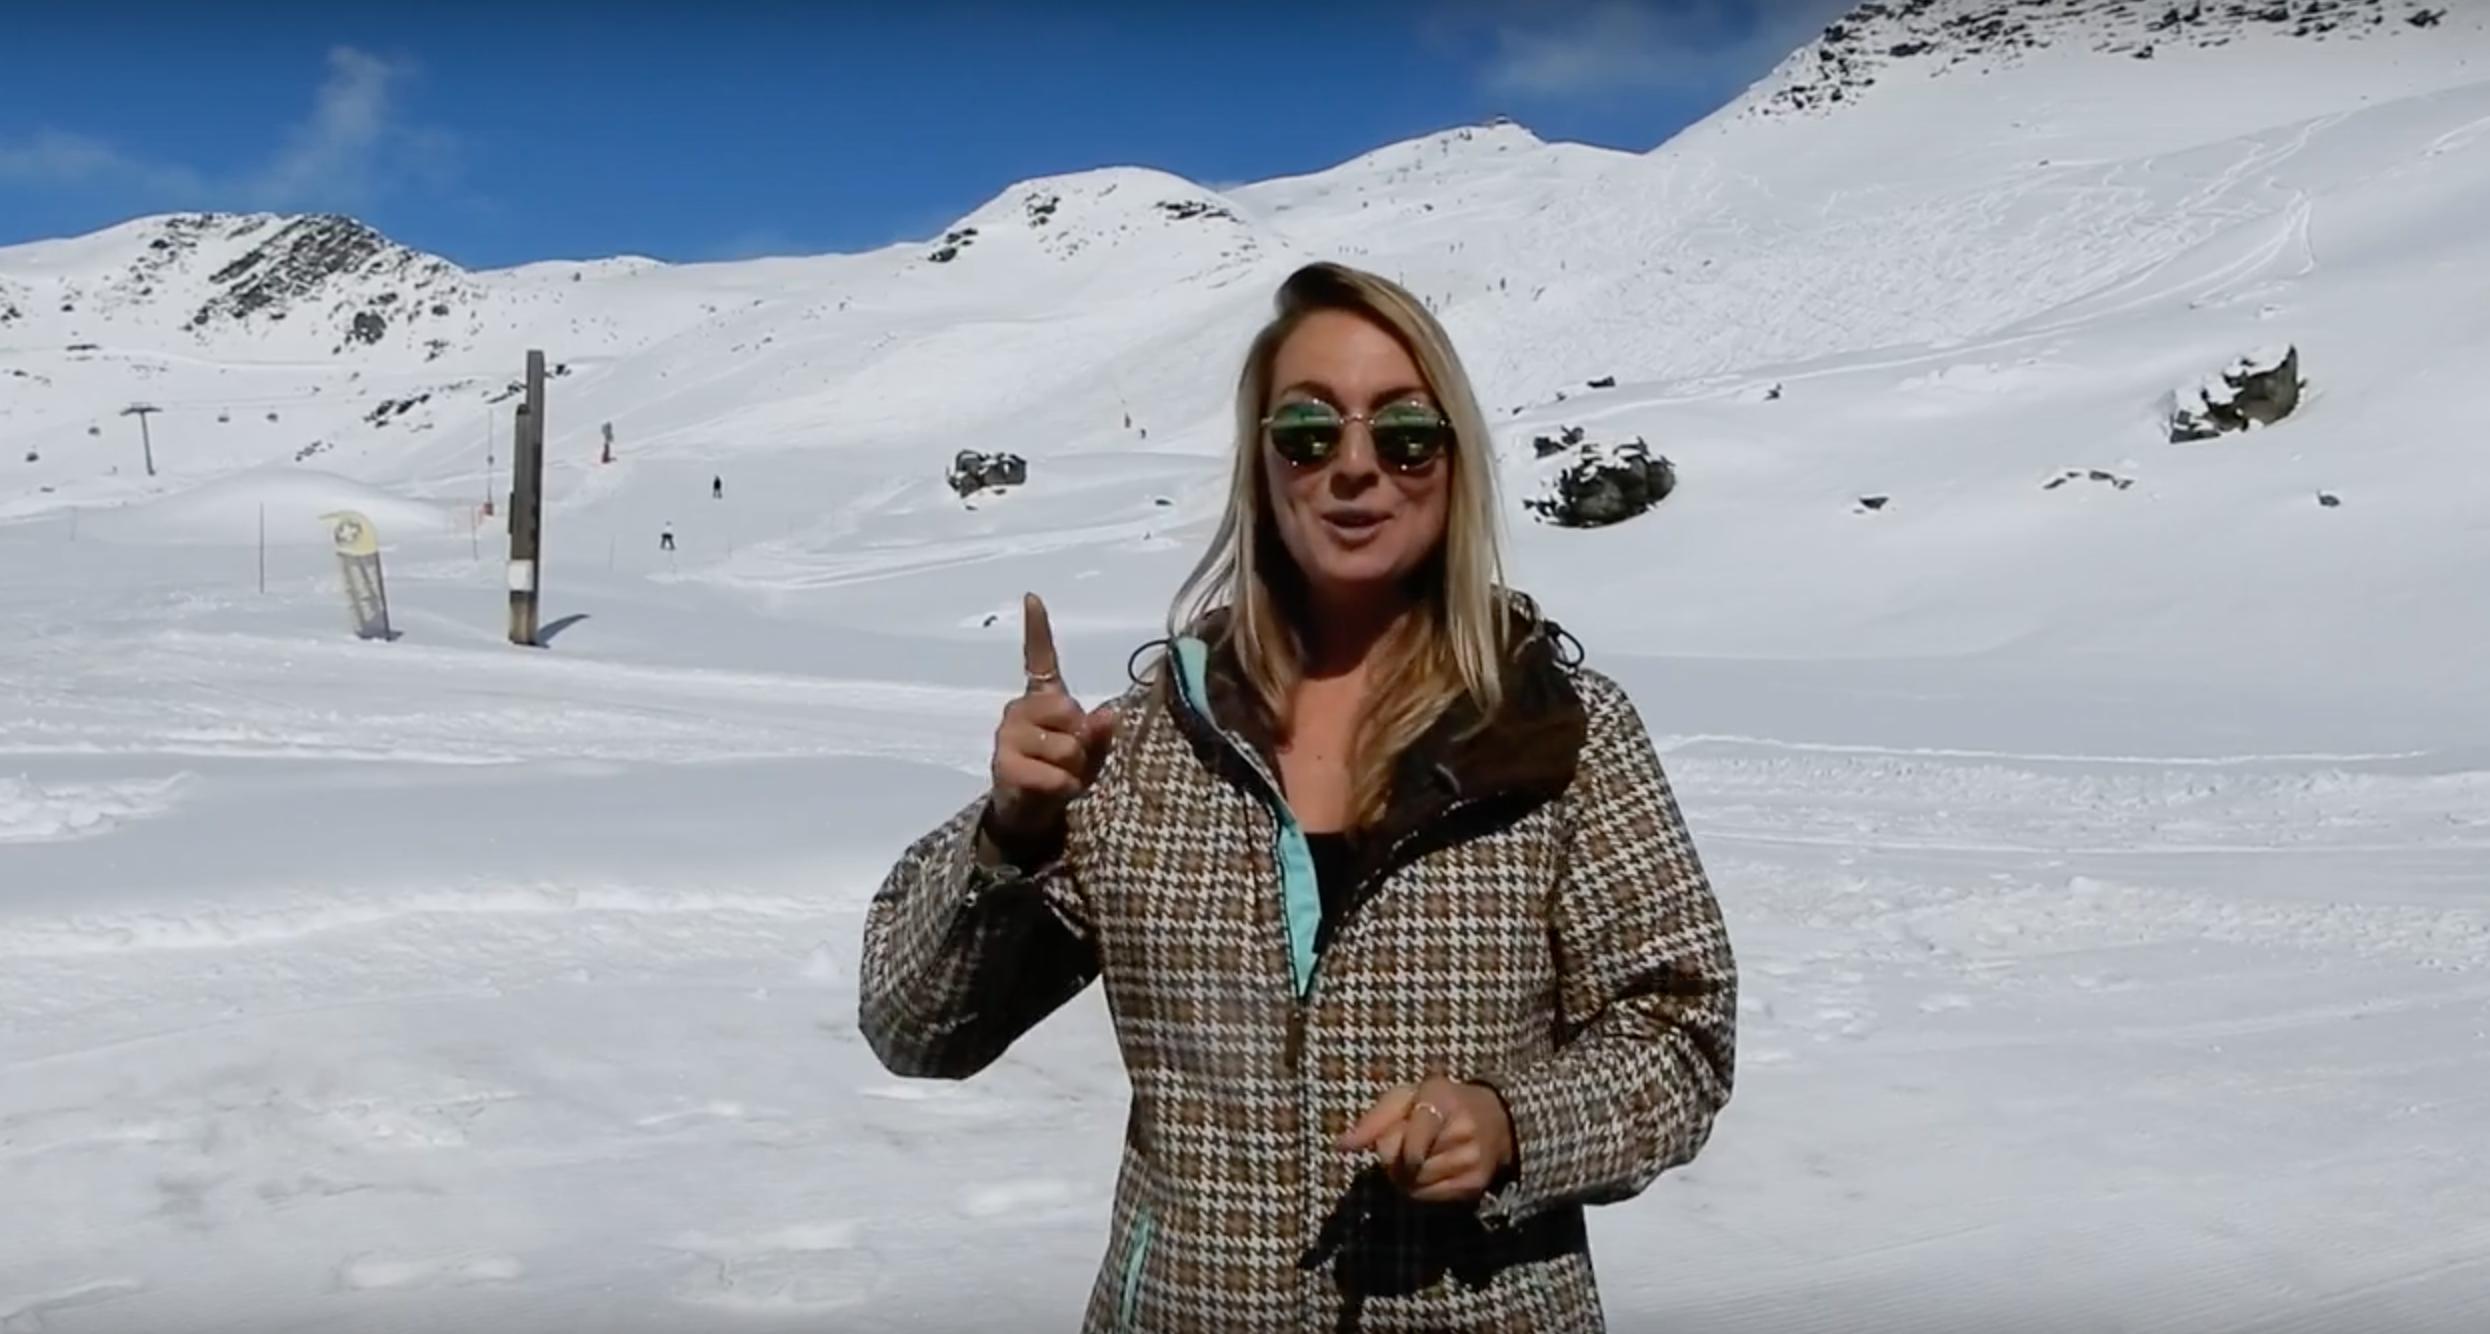 What I eat in a day #9 - Wintersport met catering & hoeveel calorieën verbrand je met snowboarden?